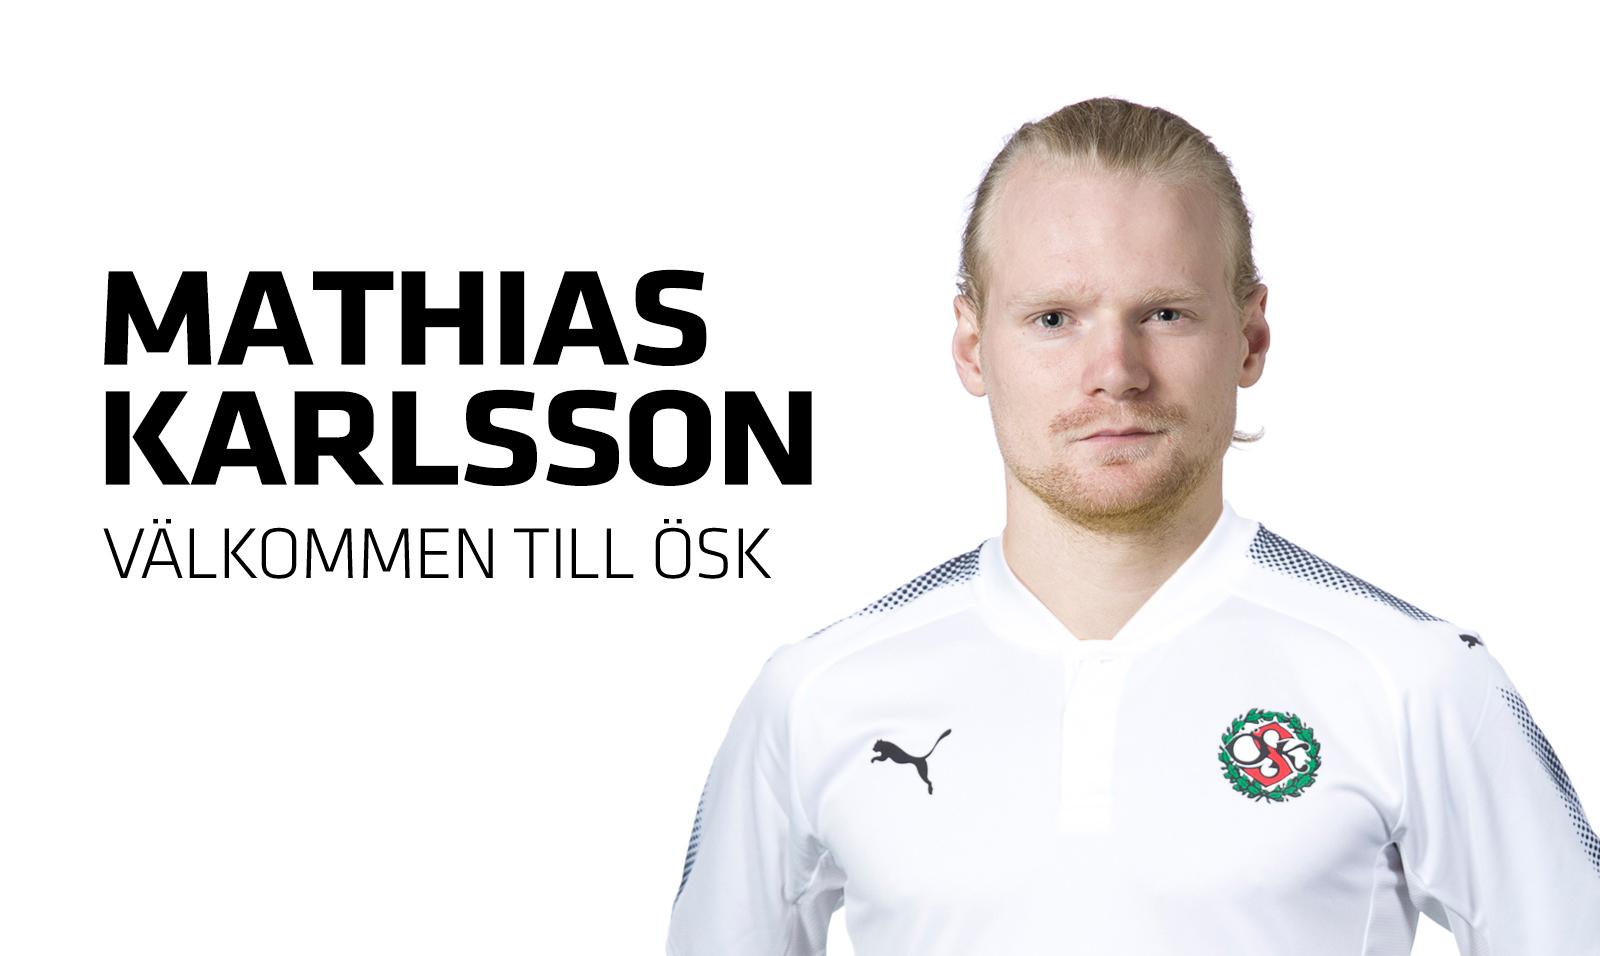 Mathias Karlsson klar för ÖSK | ÖSK Fotboll